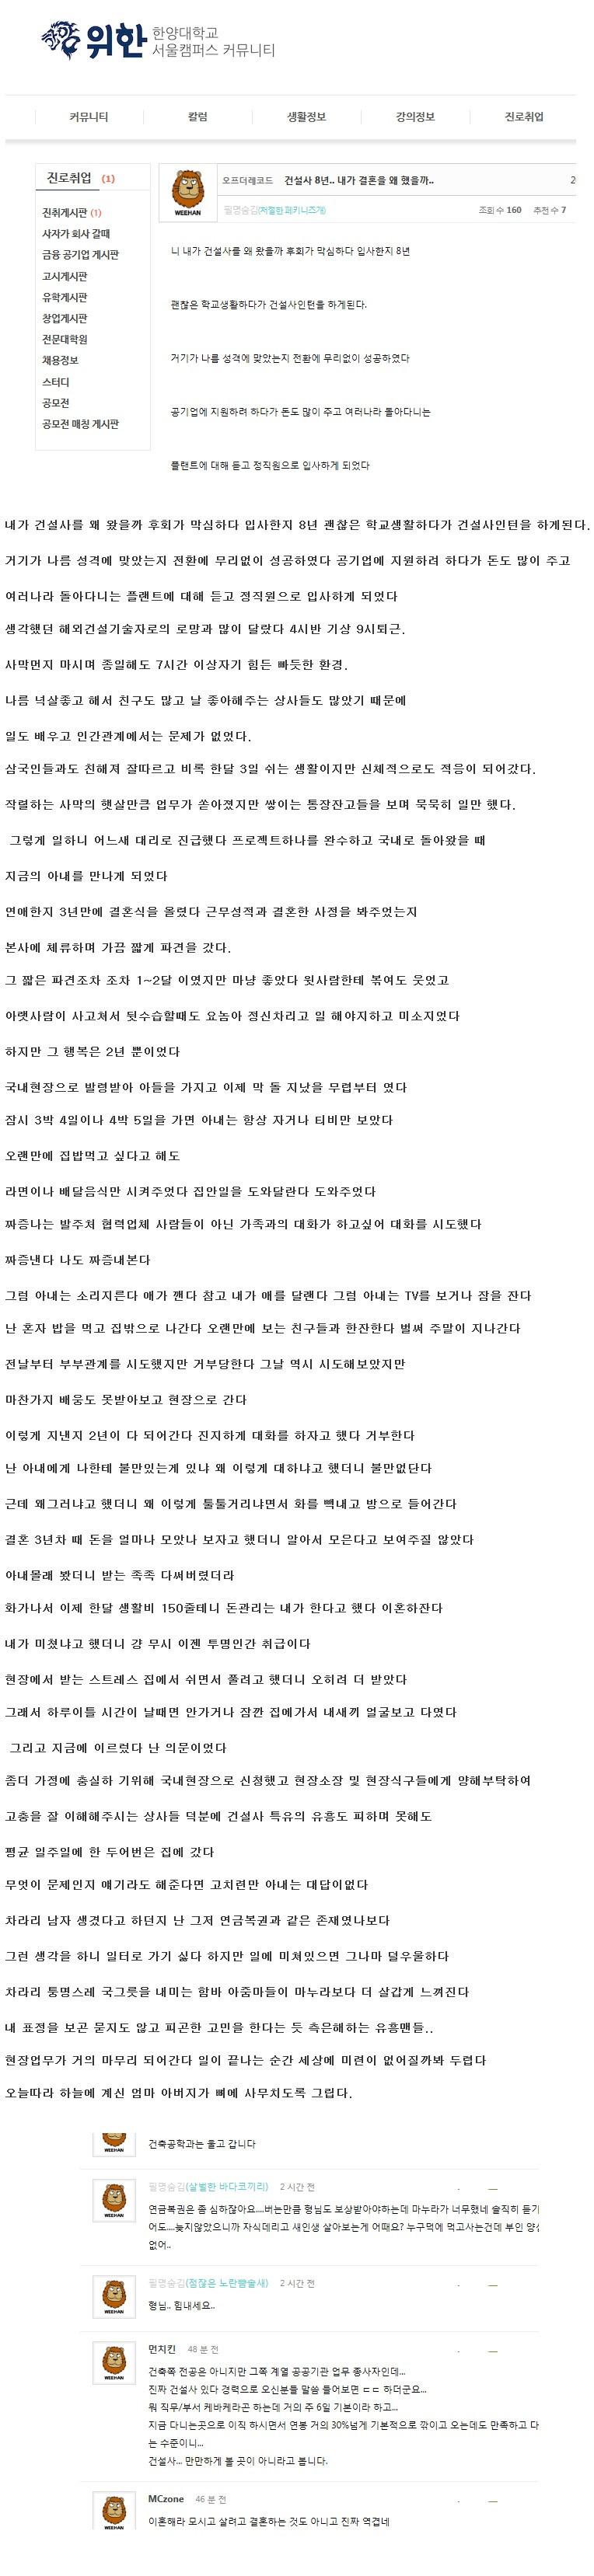 건설사 8년차 한양대 형님 결혼 후기 .jpg